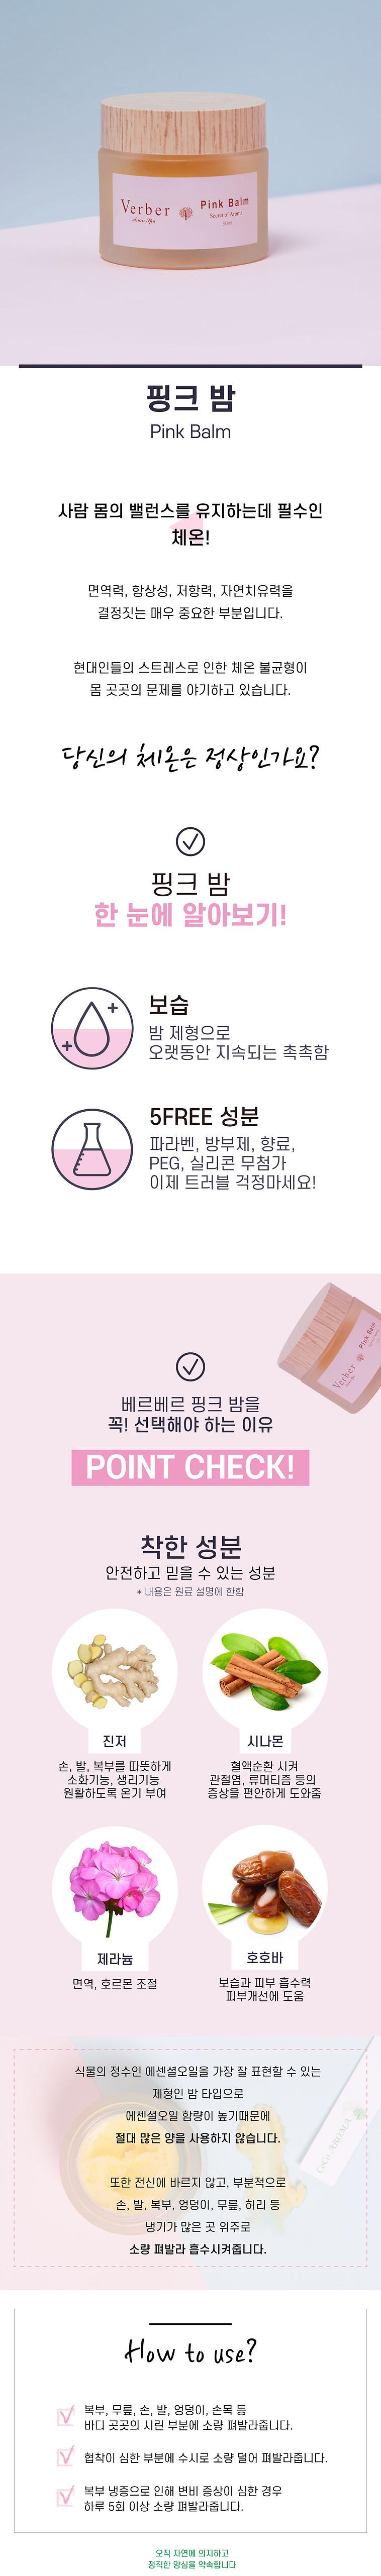 핑크밤-상세-1수정.jpg